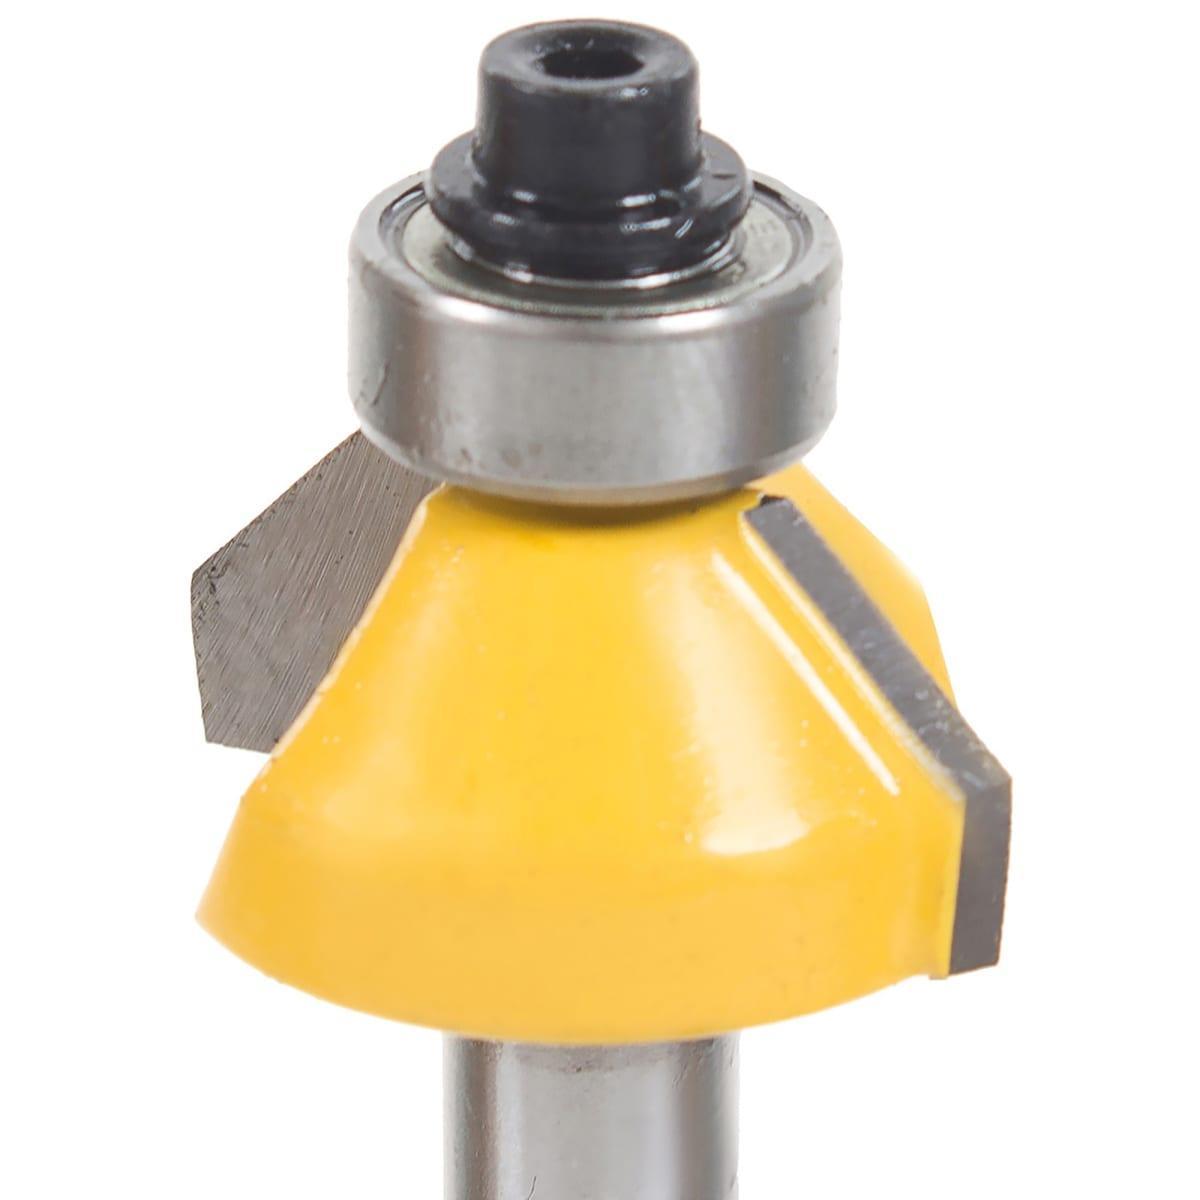 Фреза прямая кромочная конусная с подшипником Глобус D=40,l=18.5,d=8mm арт.1022 D40